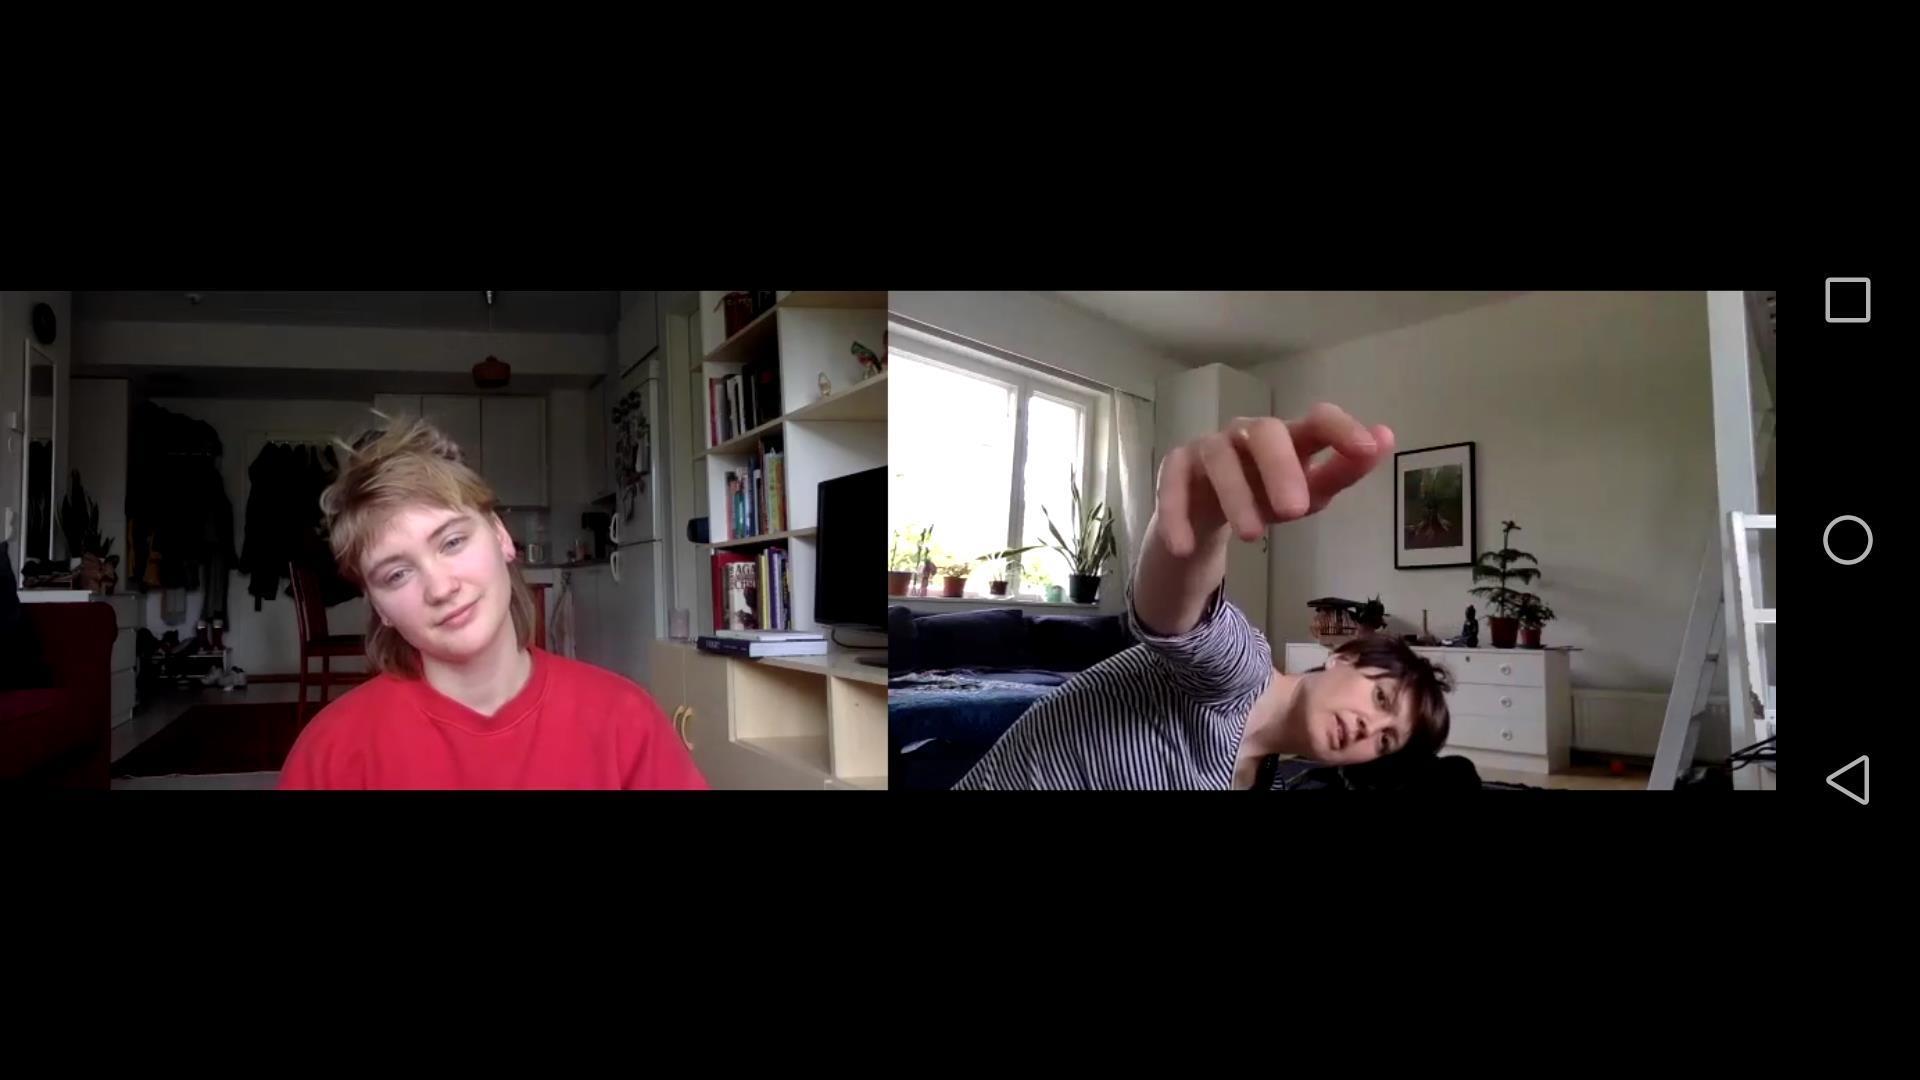 Linkki tapahtumaan Videoinstallaatio: Tanssia sosiaalisella etäisyydellä